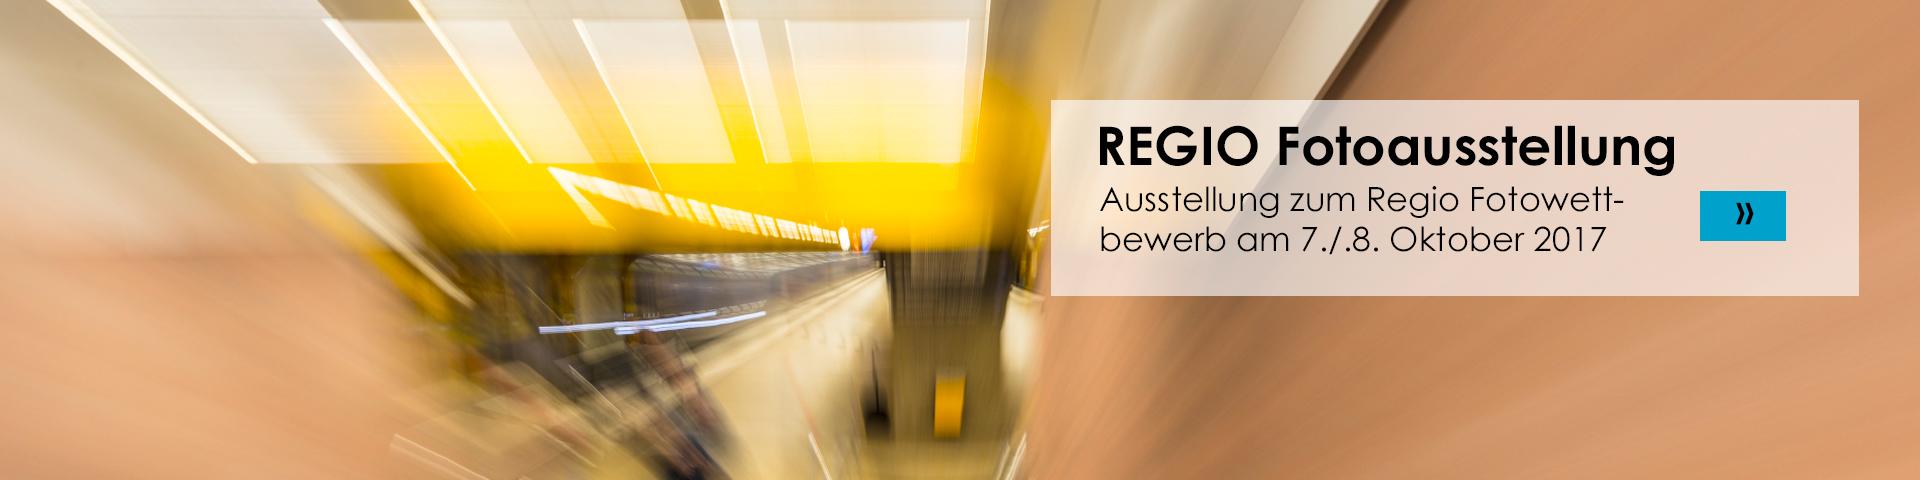 Ausstellung zum Regio 2017 Fotowettbewerb